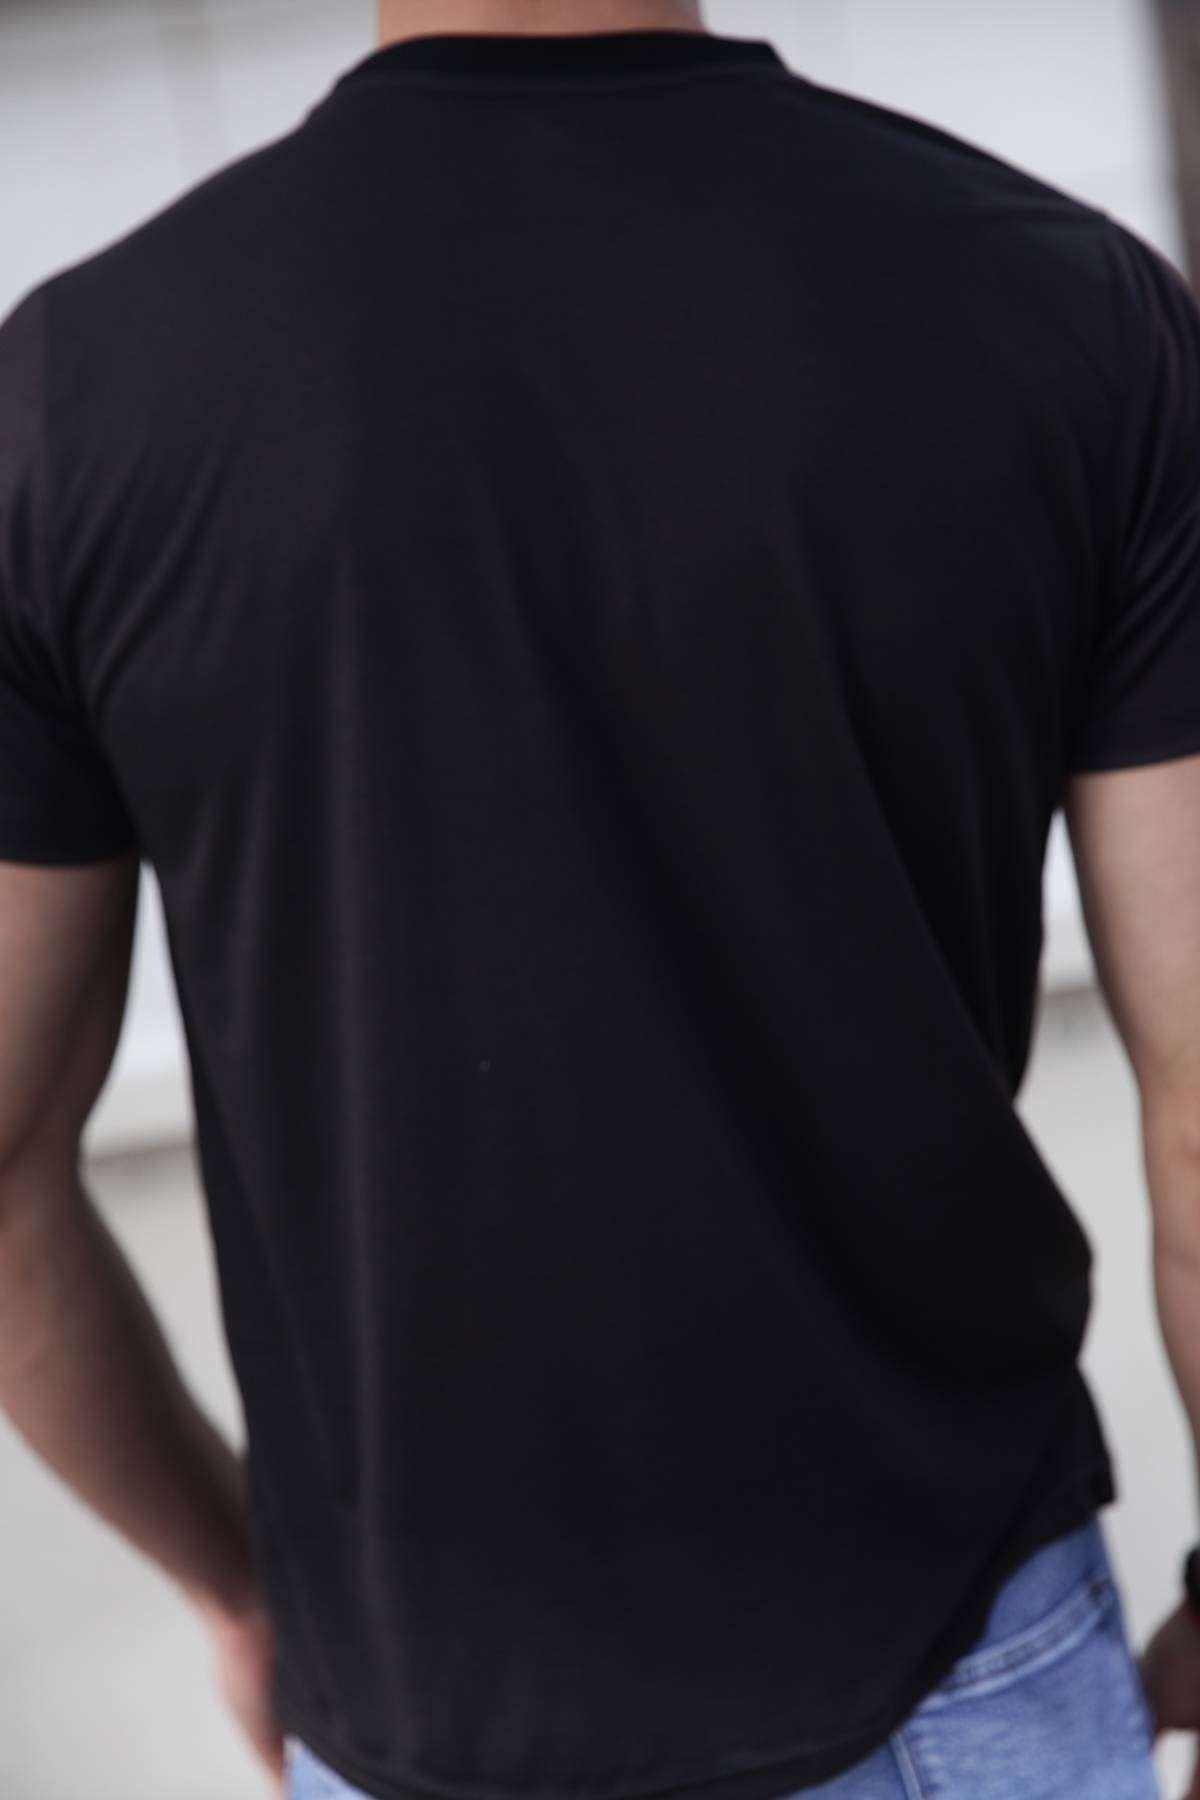 Kuru Kafa Baskılı Dijital Simit Yaka Tişört Siyah